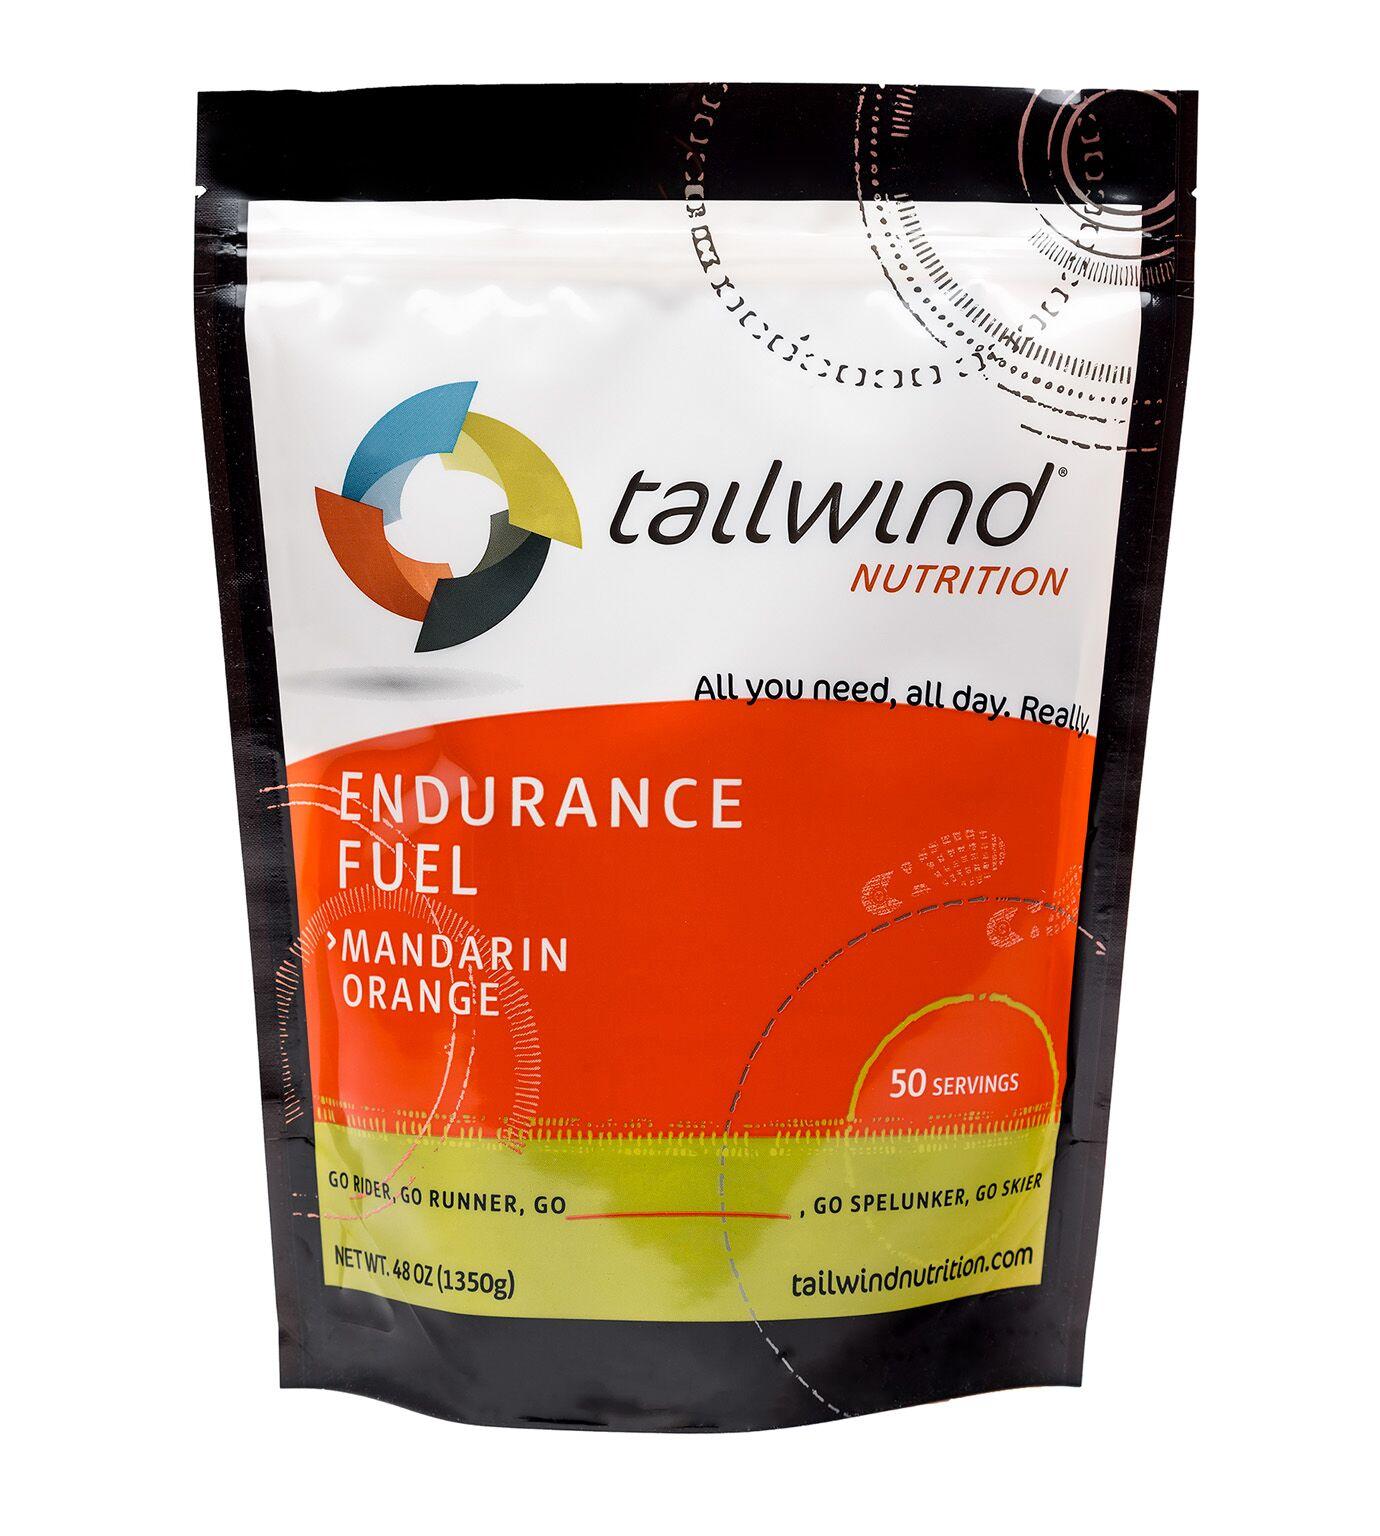 tailwind_nutrition_endurance_fuel.jpe